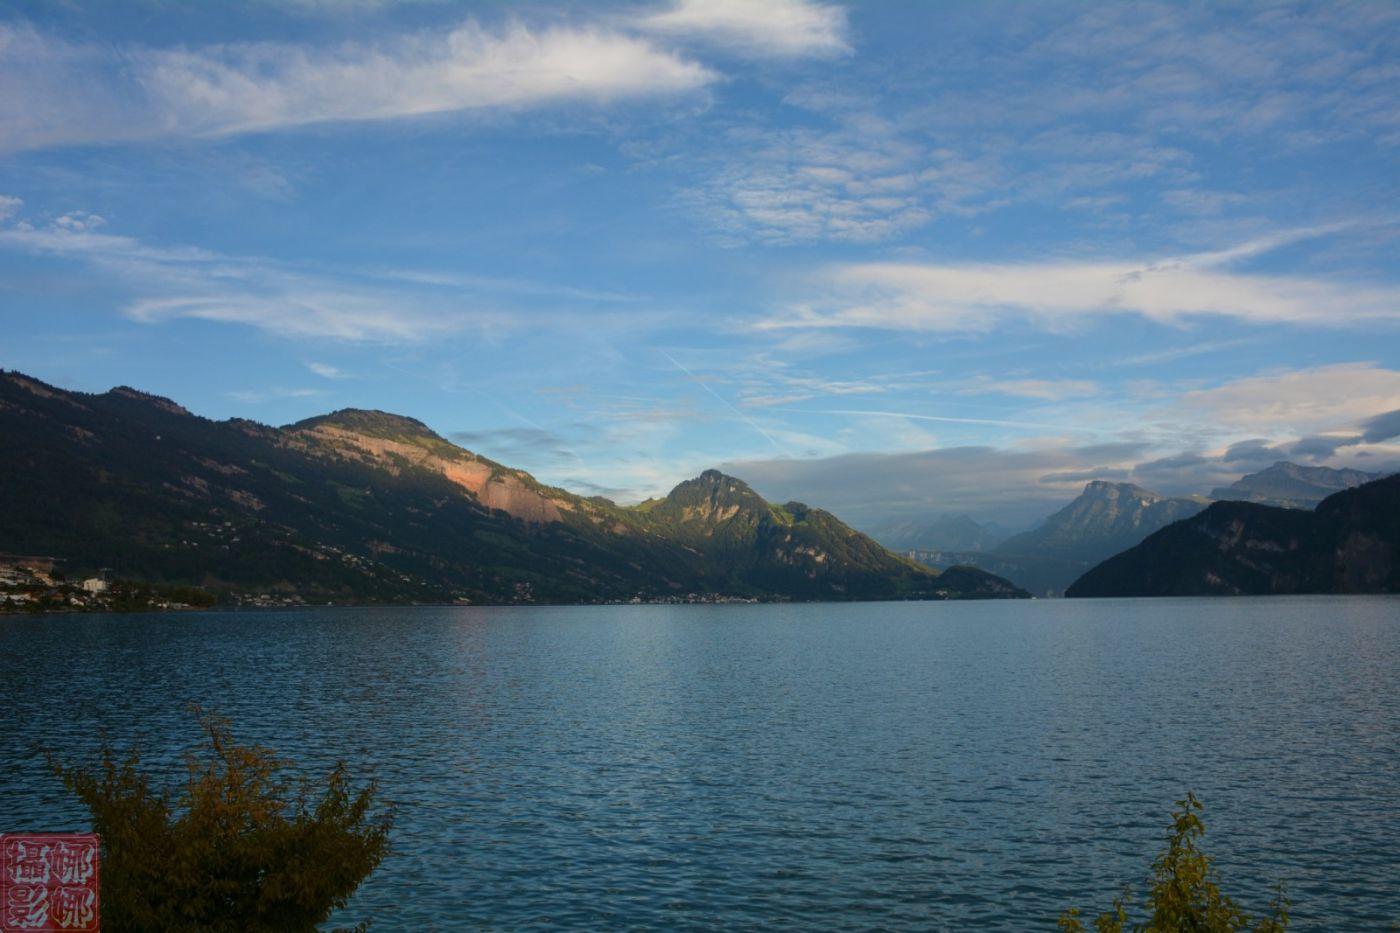 瑞士卢塞恩湖畔风光(二)_图1-11